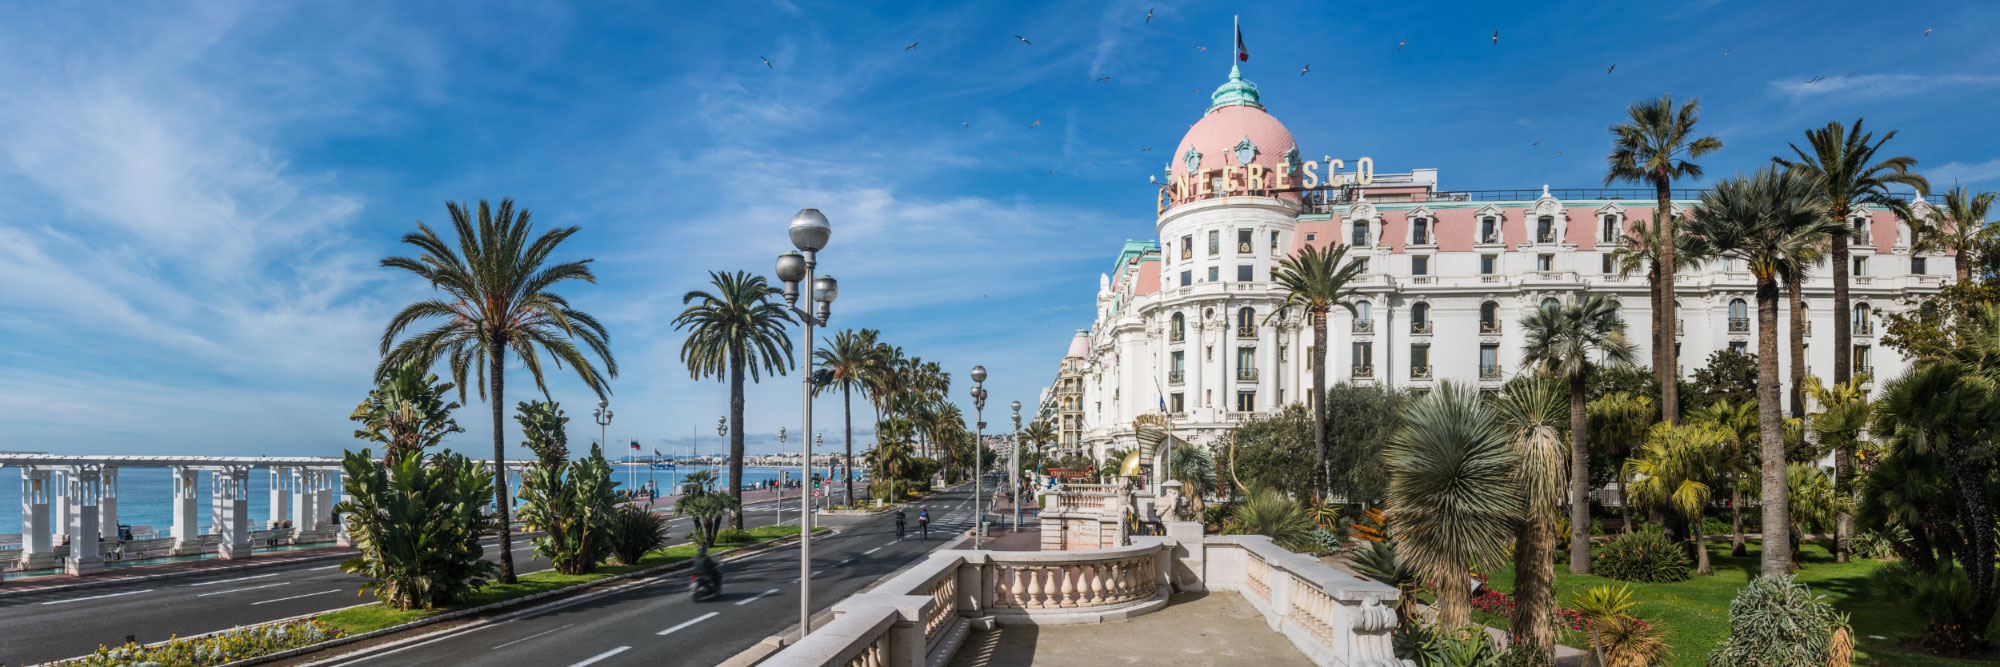 15384 Promenade des Anglais et Hôtel Negresco, Côte d'Azur, Alpes ...: www.panoram-art.com/galerie/france/15384-france-Alpes-Maritimes...